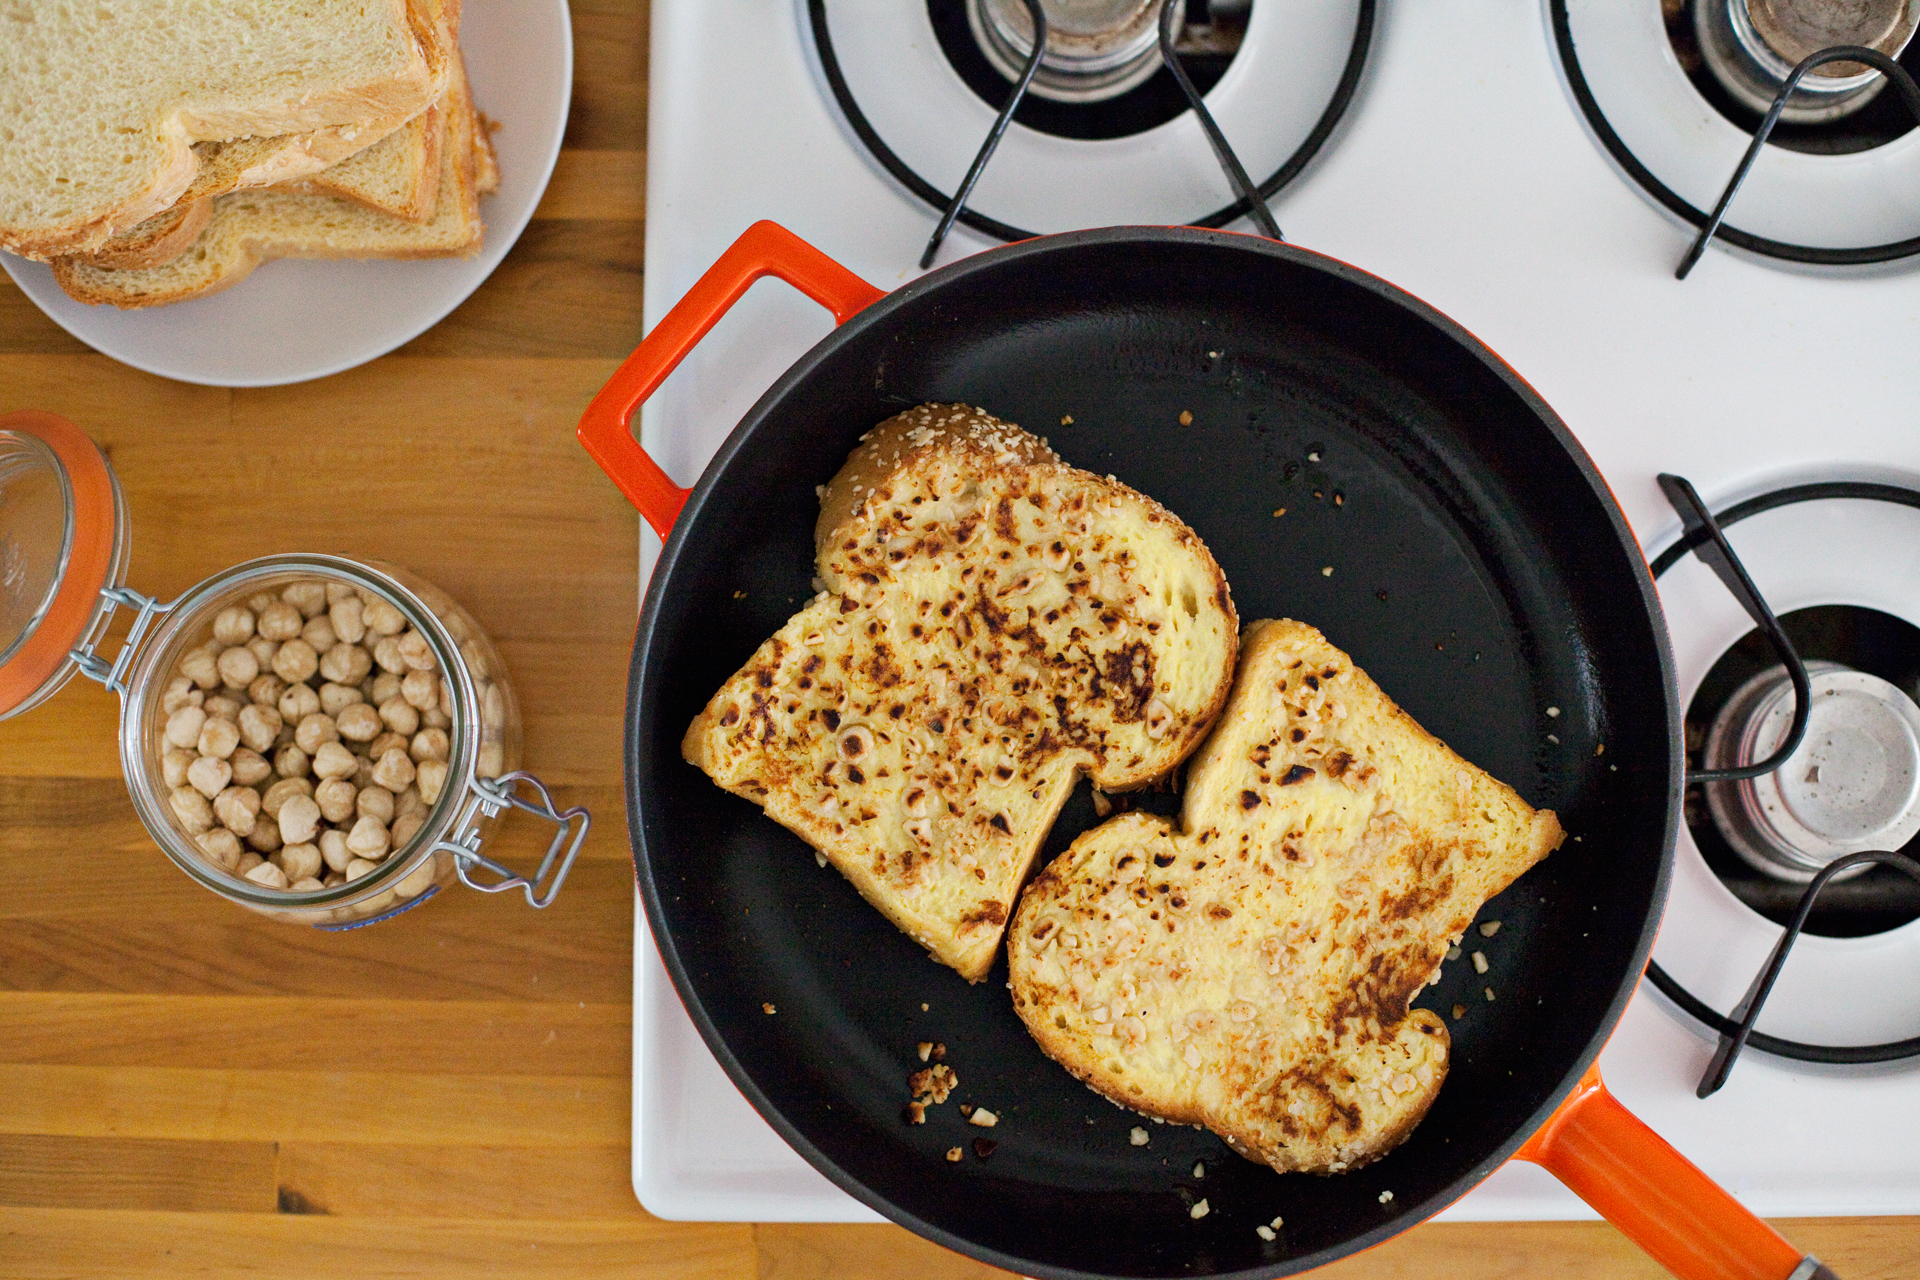 hazelnut crunch french toast